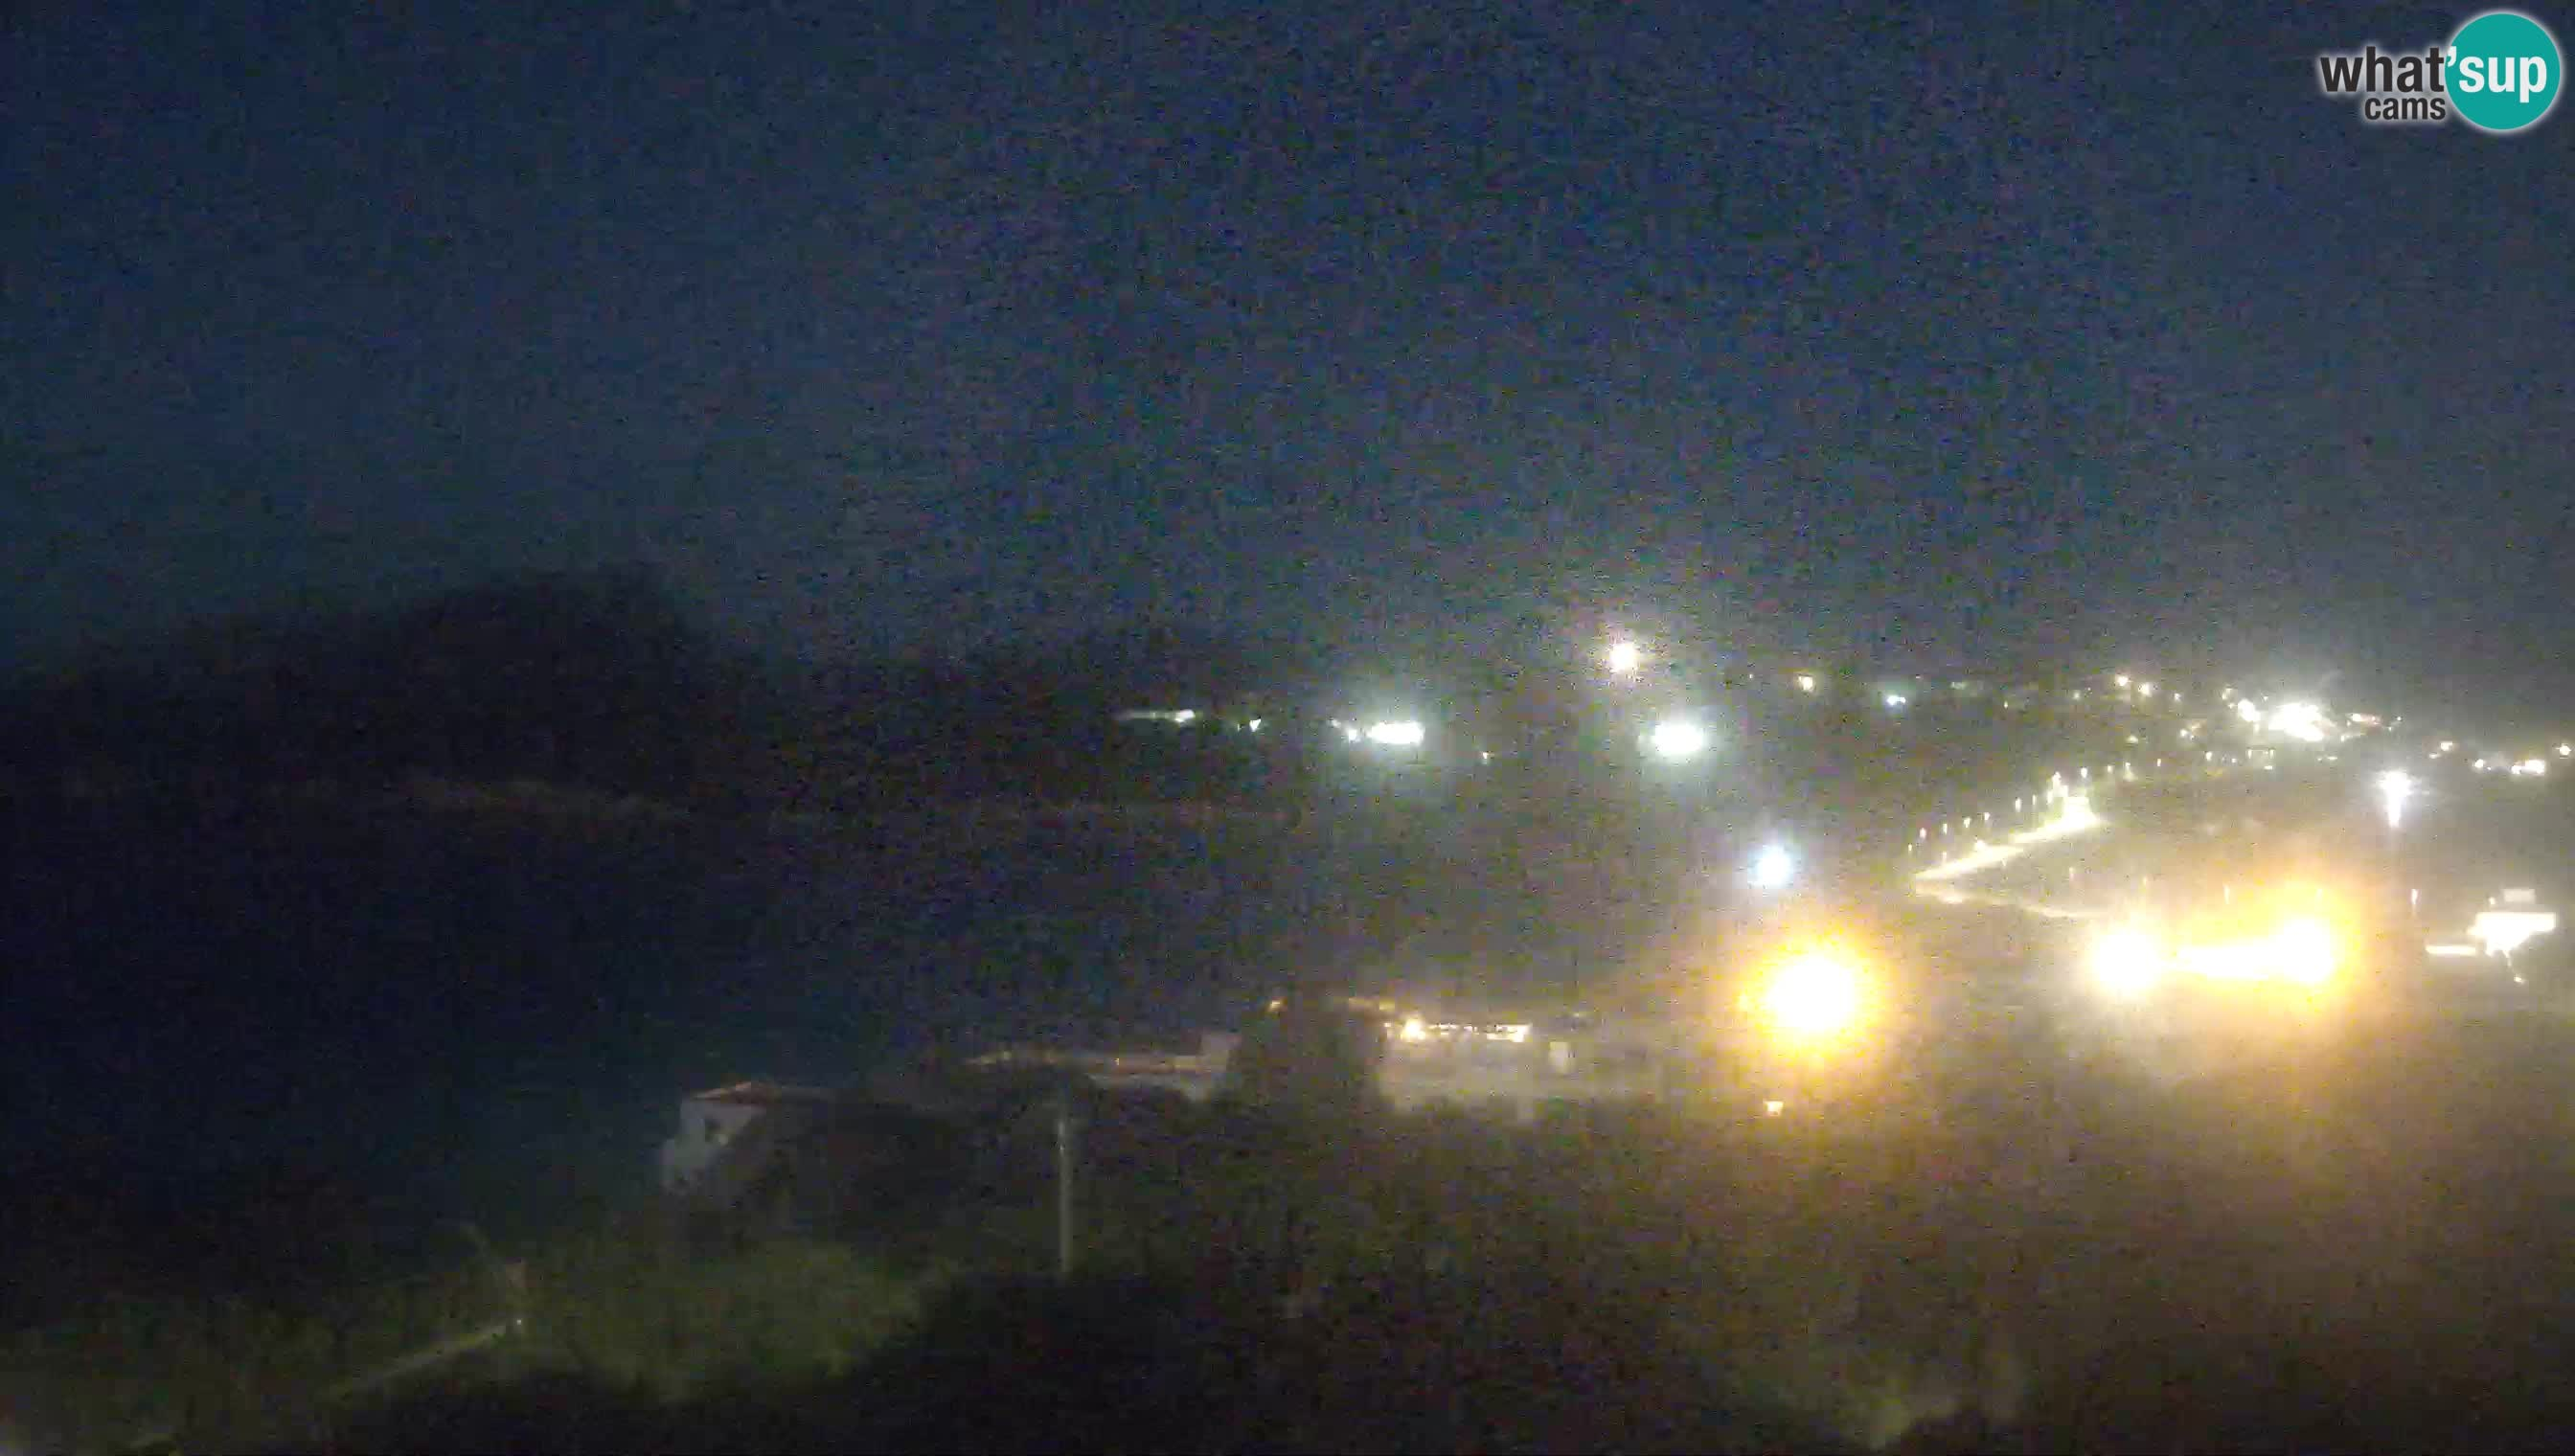 Spletna kamera v živo Capo Testa plaža dveh morij – Santa Teresa Gallura – Sardinija